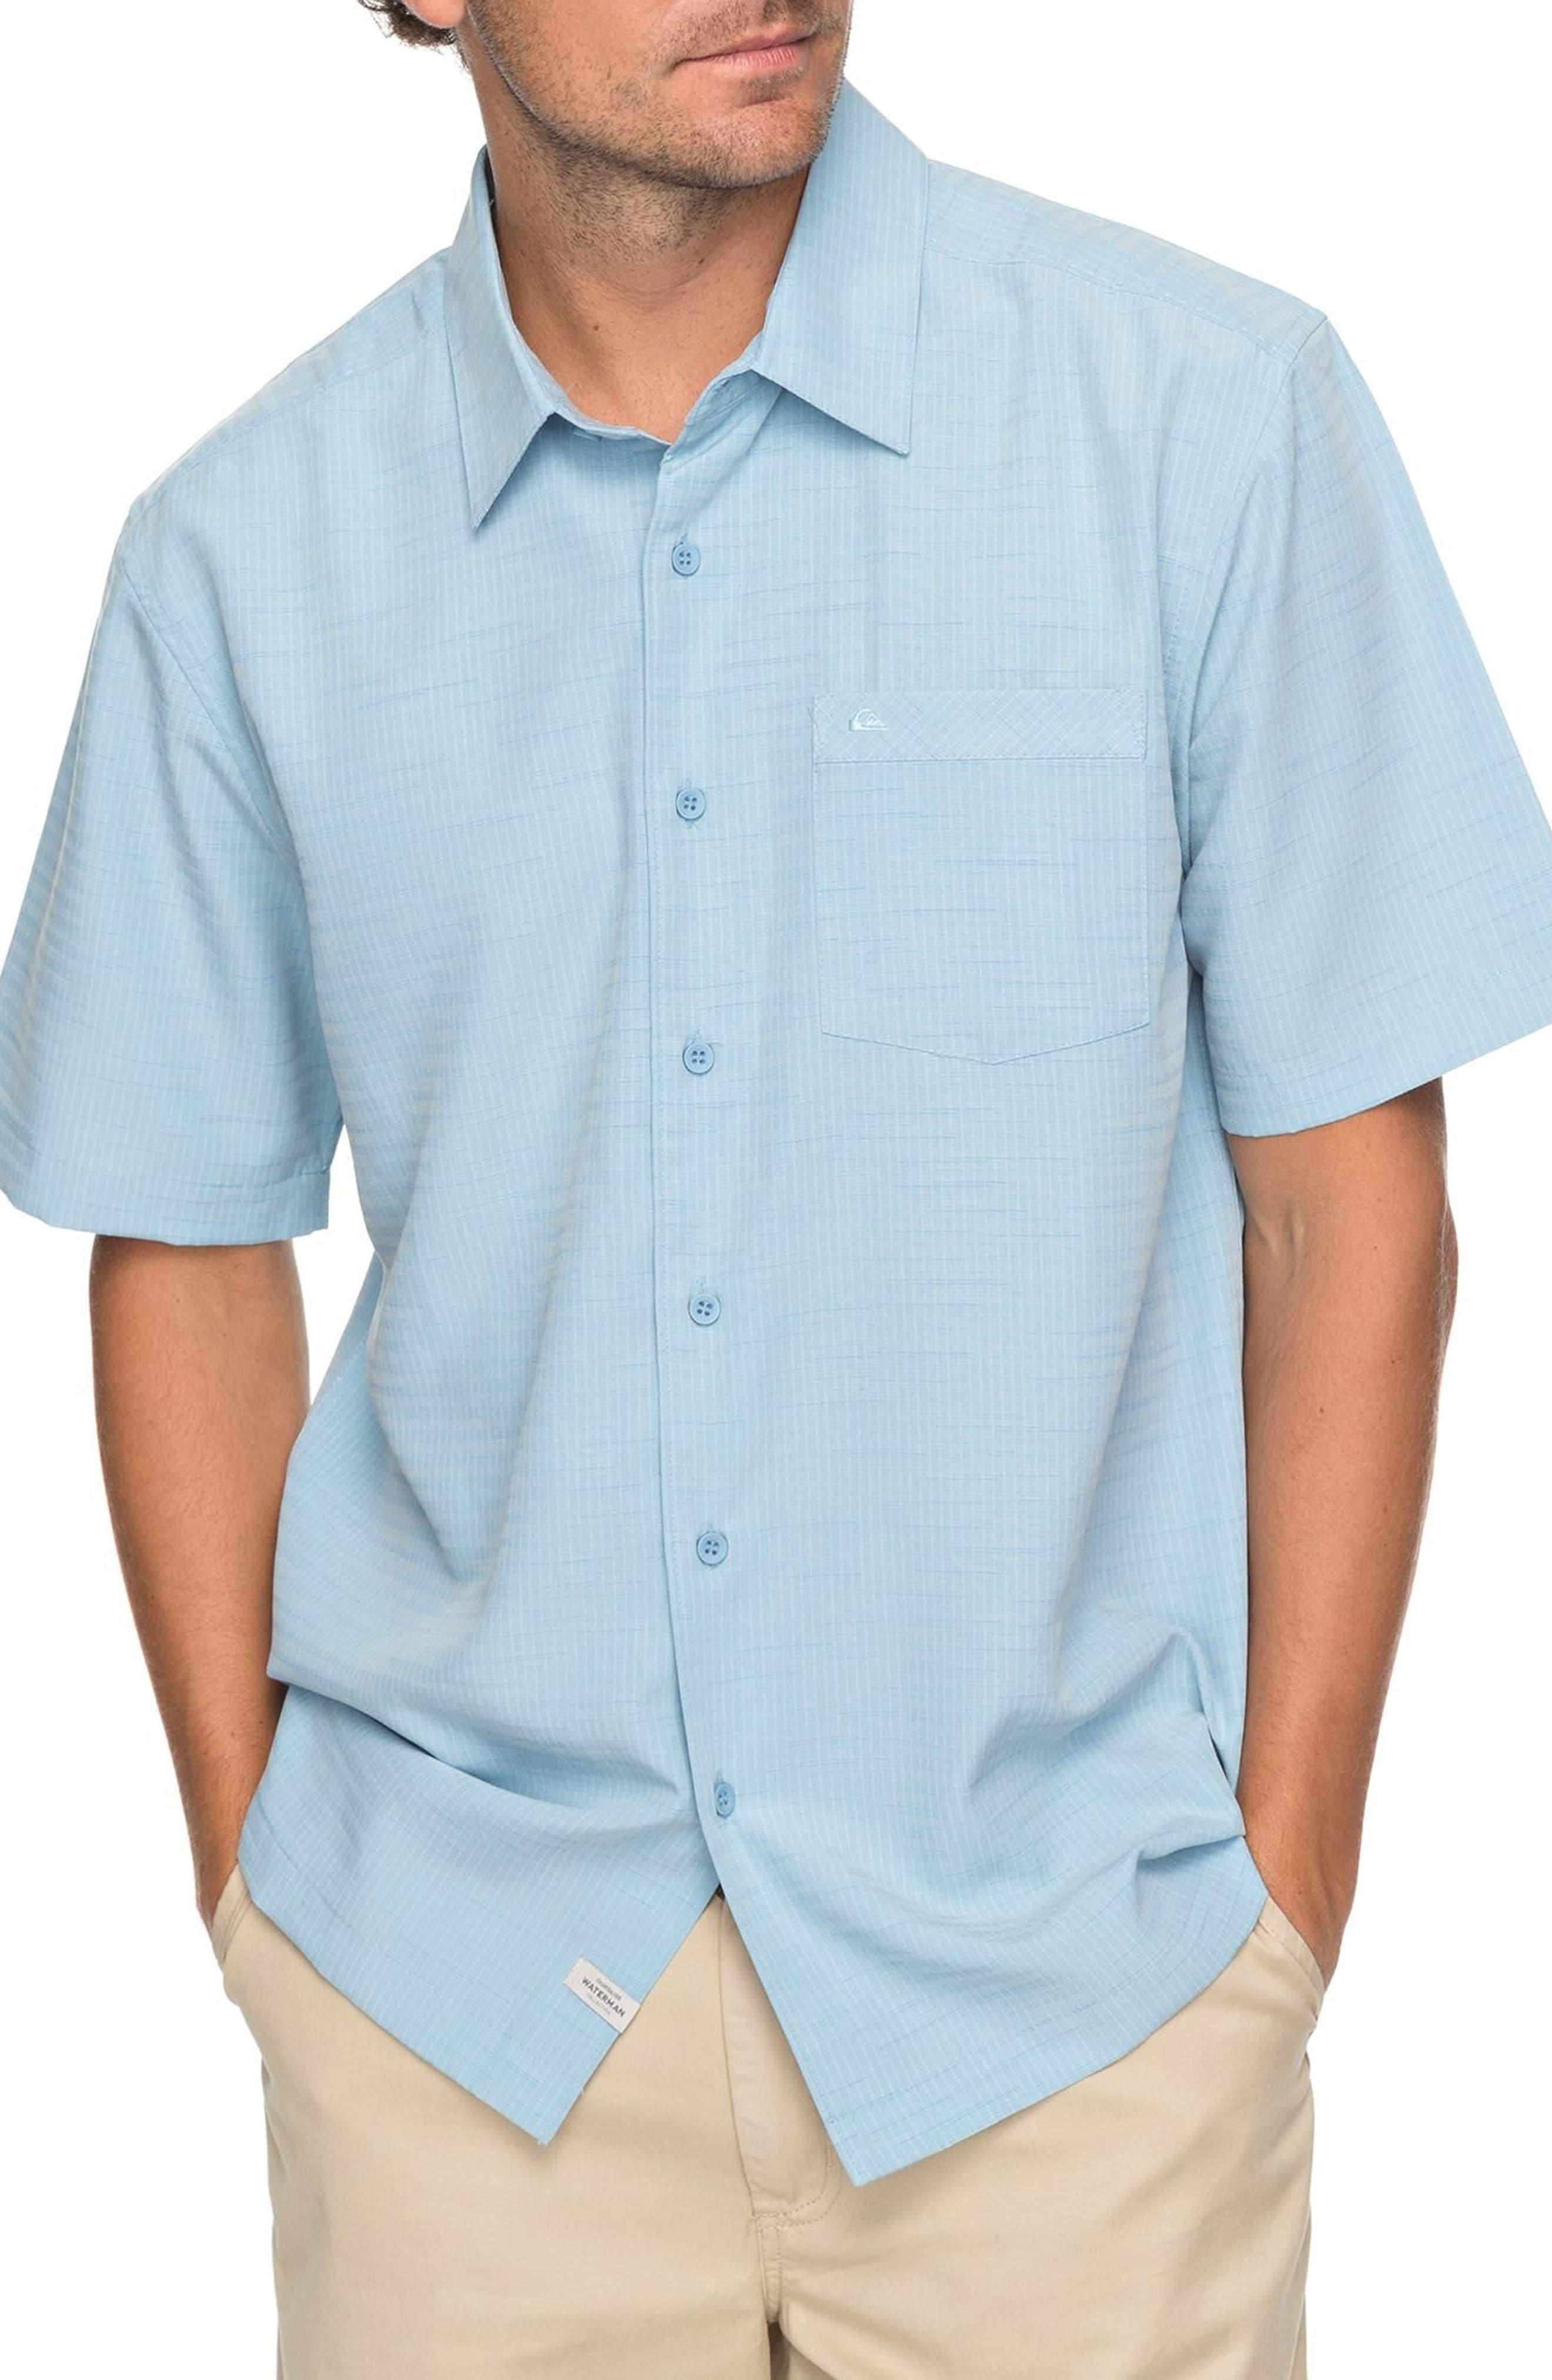 Centinala Shirt,                             Main thumbnail 1, color,                             Blue Shadow